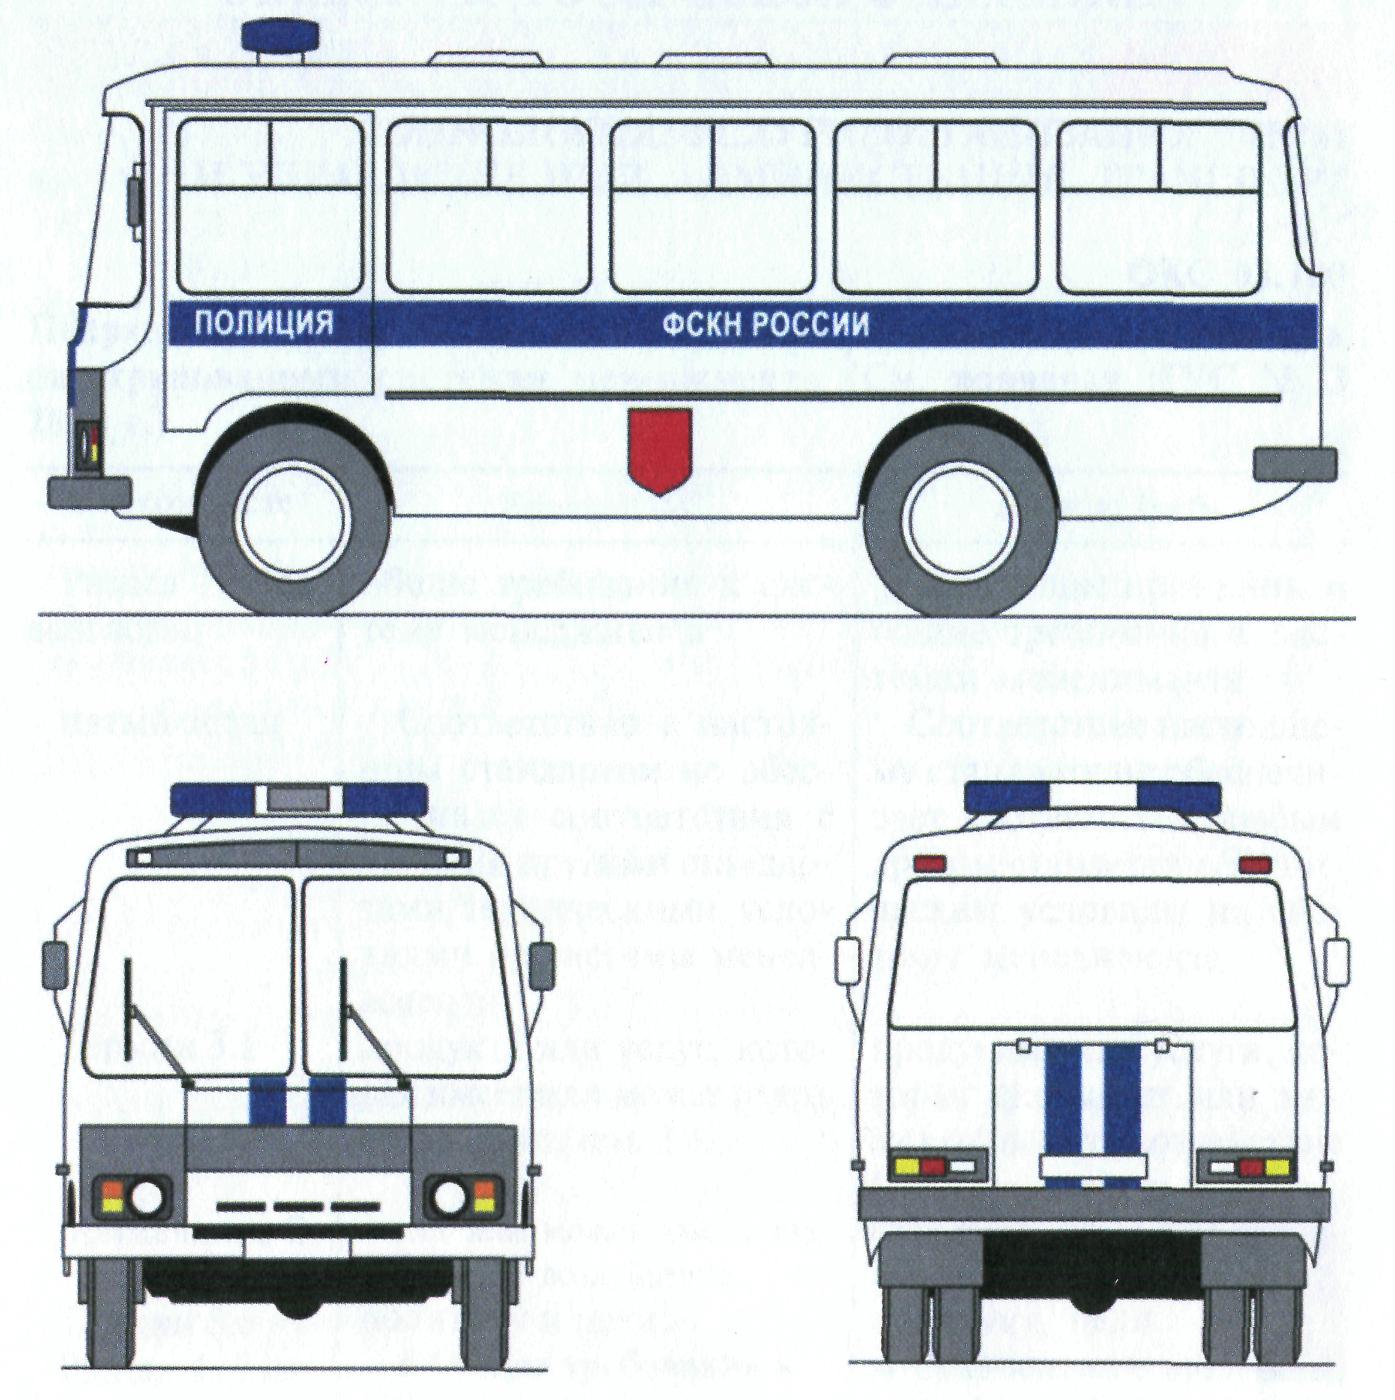 РИСУНОК А.55 (К ИЗМЕНЕНИЮ N4 ГОСТ Р 50574-2002)